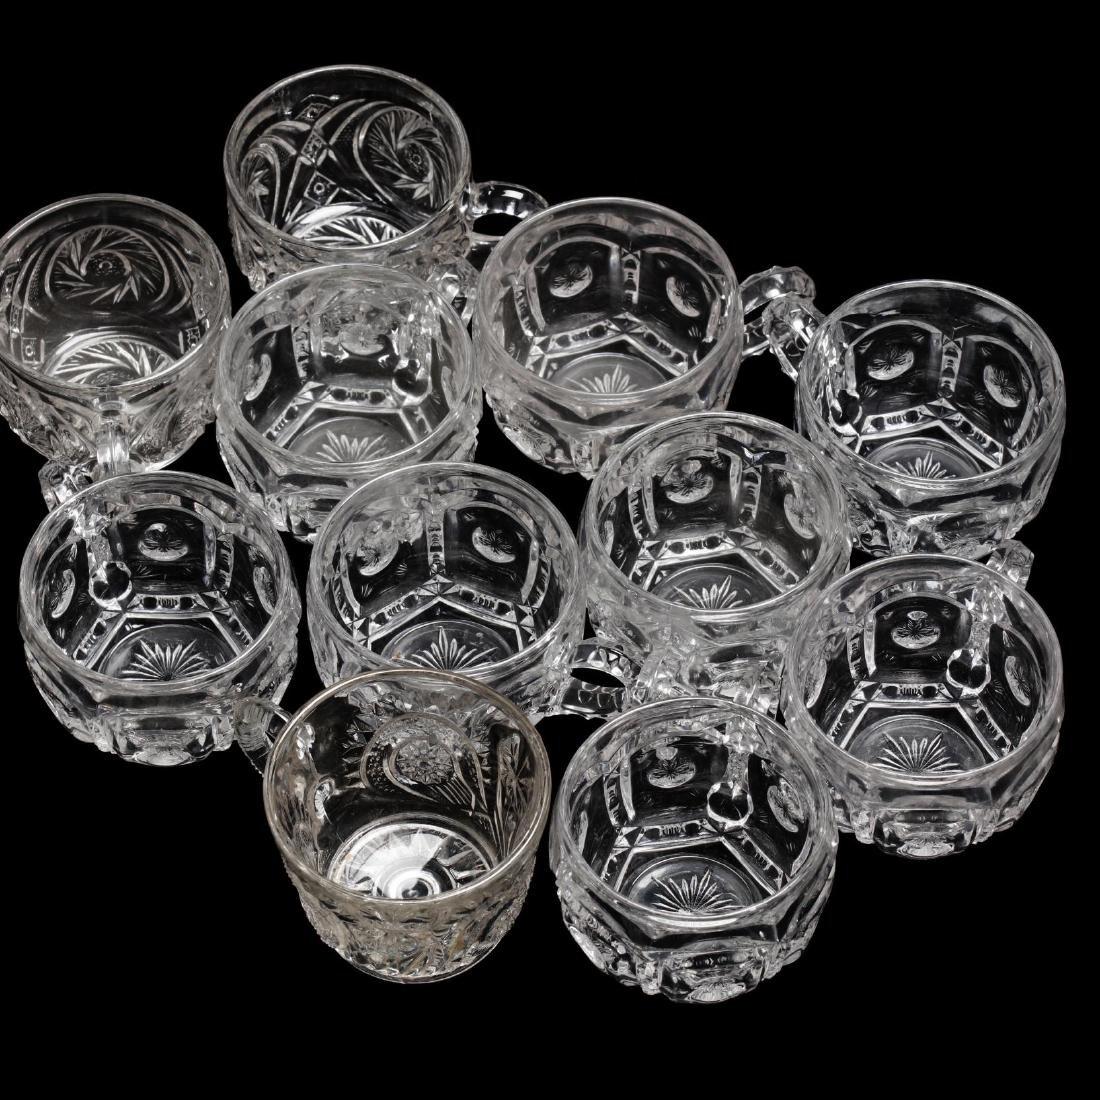 Vintage Pressed Glass Punch Bowl Set - 3